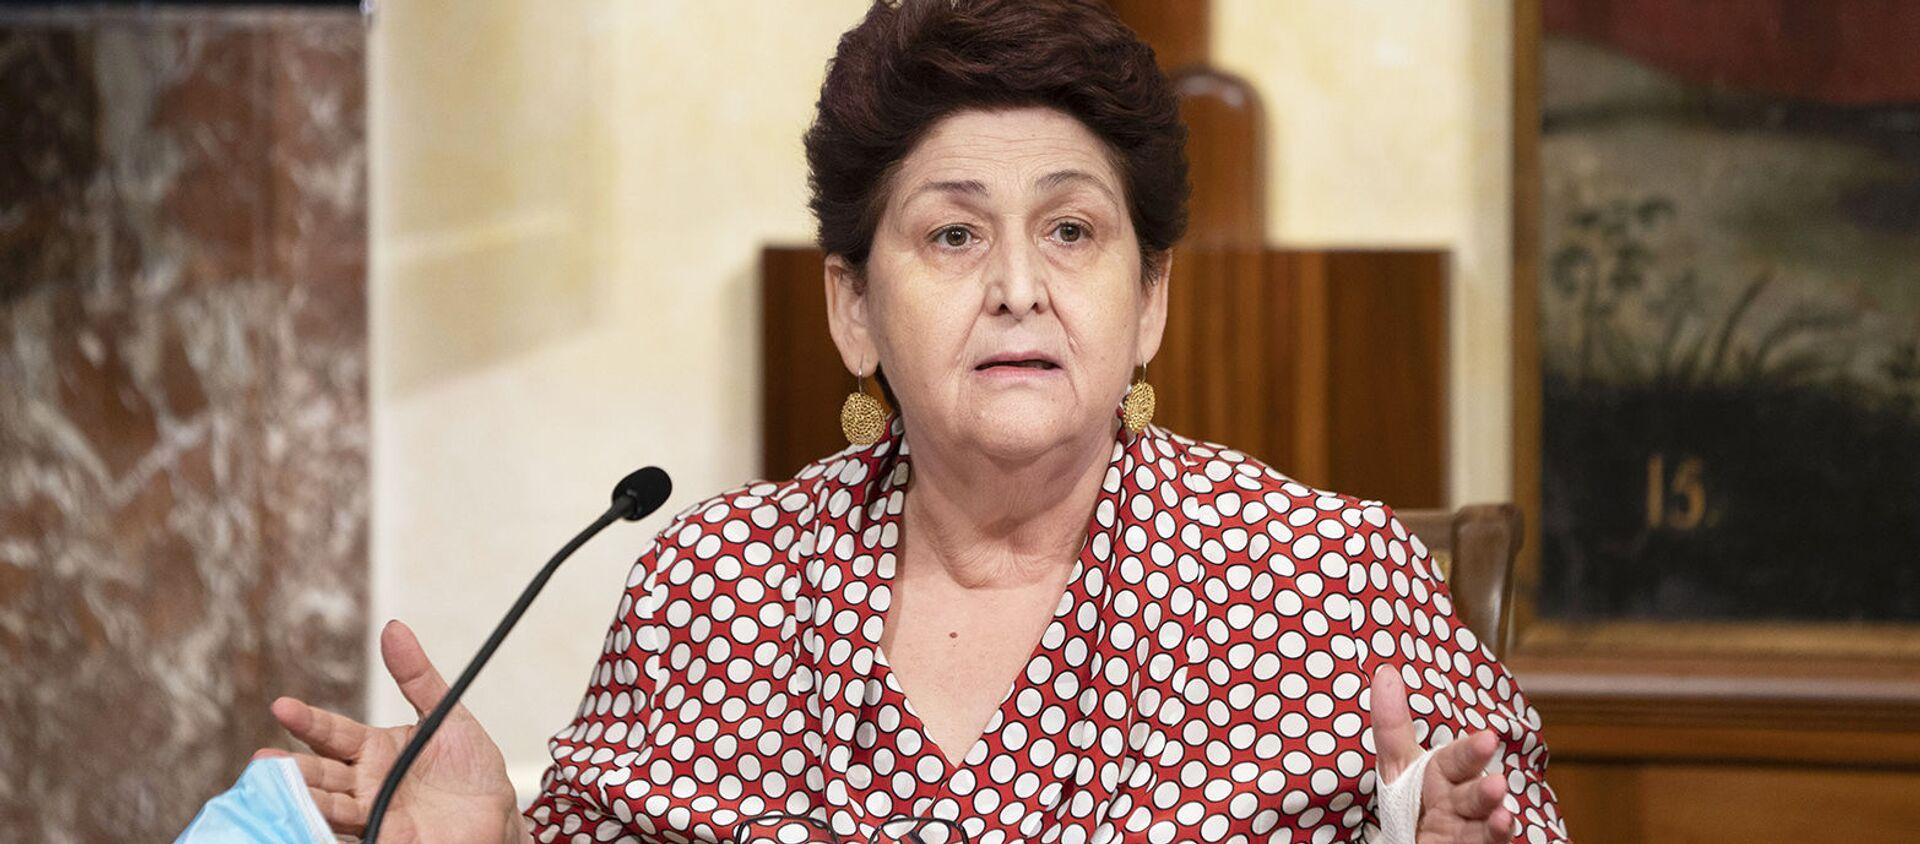 Il Ministro delle Politiche Agricole Alimentari e Forestali e del Turismo, Teresa Bellanova - Sputnik Italia, 1920, 14.02.2021